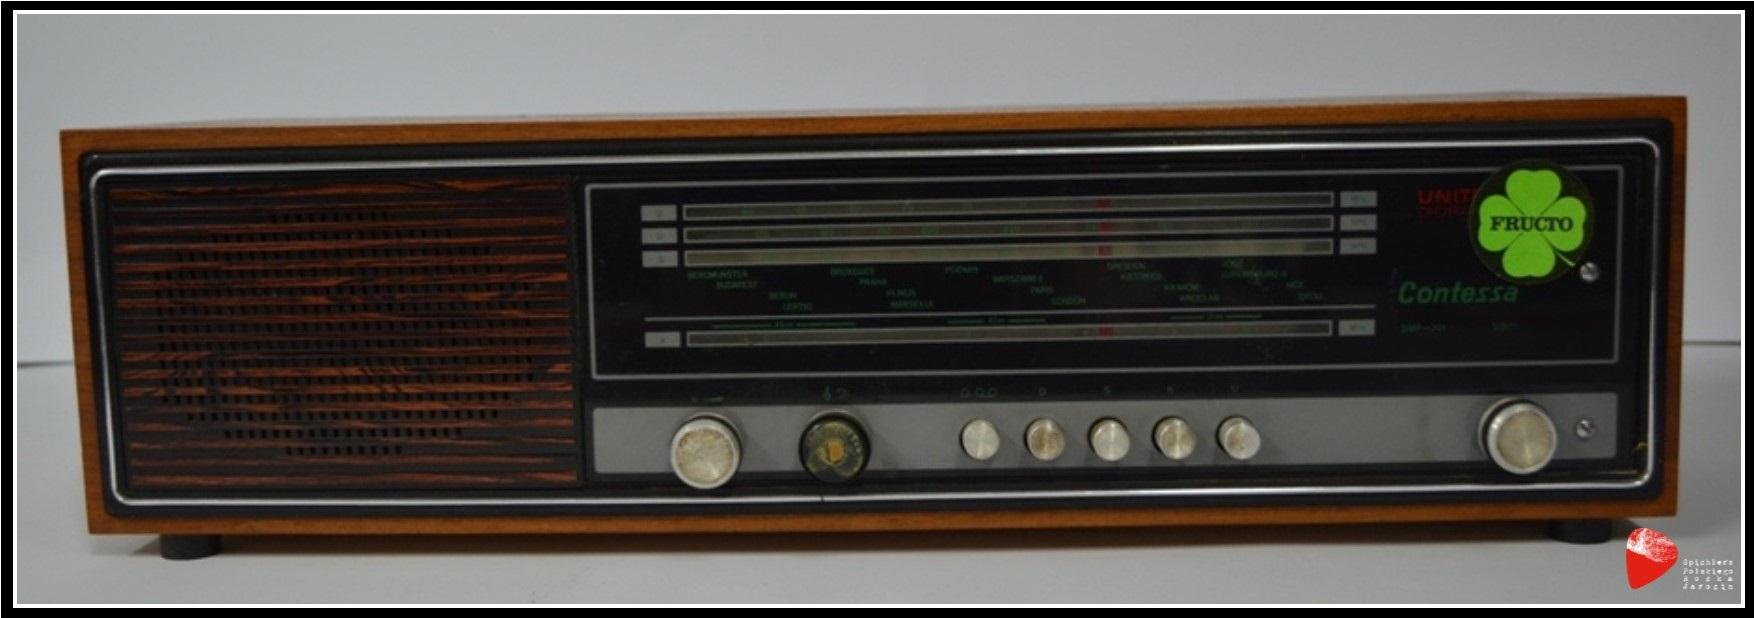 Radioodbiornik Contessa DMP 201.